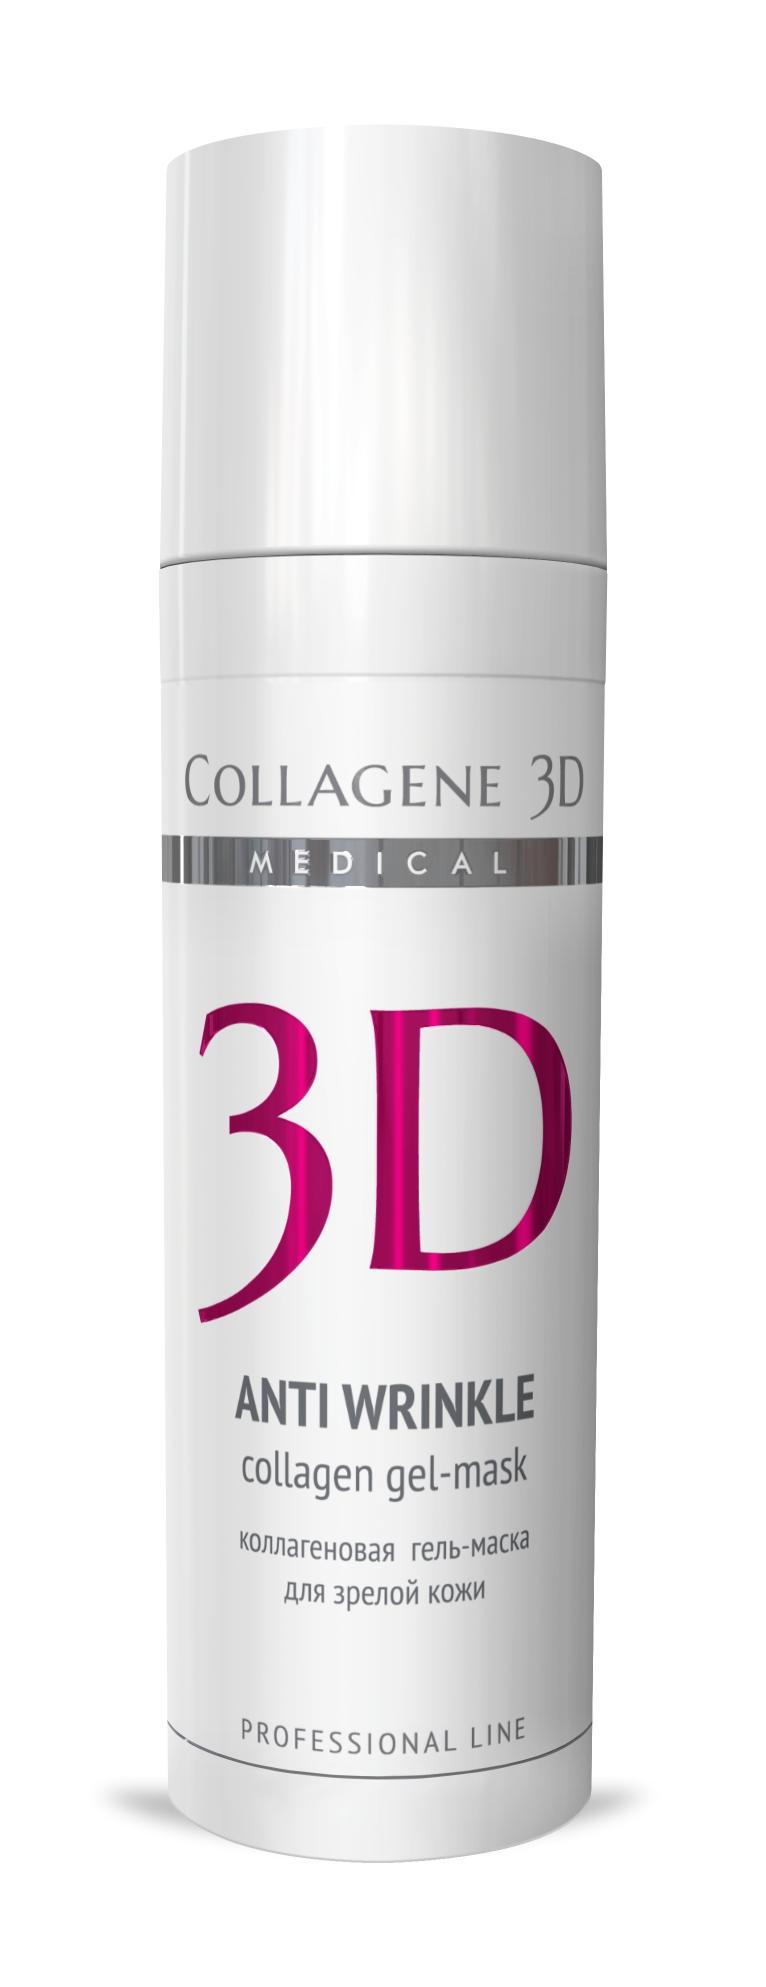 MEDICAL COLLAGENE 3D Гель-маска коллагеновая с плацентолью Anti Wrinkle 30мл проф.Маски<br>Гель-маска подходит для проведения самостоятельной процедуры, а также сочетается с аппаратными методиками, может применяться в качестве концентрата под альгинатную маску или обертывания. Экстракт плаценты, входящий в состав, содержит комплекс биологически активных веществ, который запускает омоложение на клеточном уровне. Нативный коллаген стимулирует выработку собственного коллагена кожи фибробластами, интенсивно питает и увлажняет, оказывает выраженный лифтинг эффект. Активные ингредиенты: нативный трехспиральный коллаген, экстракт плаценты, янтарная кислота. Способ применения: косметическая маска: очистить кожу косметическим молочком MILKY FRESH и тонизировать фитотоником NATURAL FRESH. Сделать пилинг, если потребуется. Нанести гель-маску на кожу тонким слоем. Сразу после того, как гель впитается, увлажнить кожу водой и поверх первого слоя нанести второй слой гель-маски. Время экспликации 5-15 минут (в зависимости от степени влажности помещения и особенностей кожи клиента, гель-маска может впитываться очень быстро). Если после полного поглощения кожей гель-маски останется чувство стянутости, следует удалить остатки микрослоя гель-маски при помощи фитотоника NATURAL FRESH. Нанести средство ухода за кожей век и крем MEDICAL COLLAGENE 3D по выбору косметолога.<br><br>Объем: 30